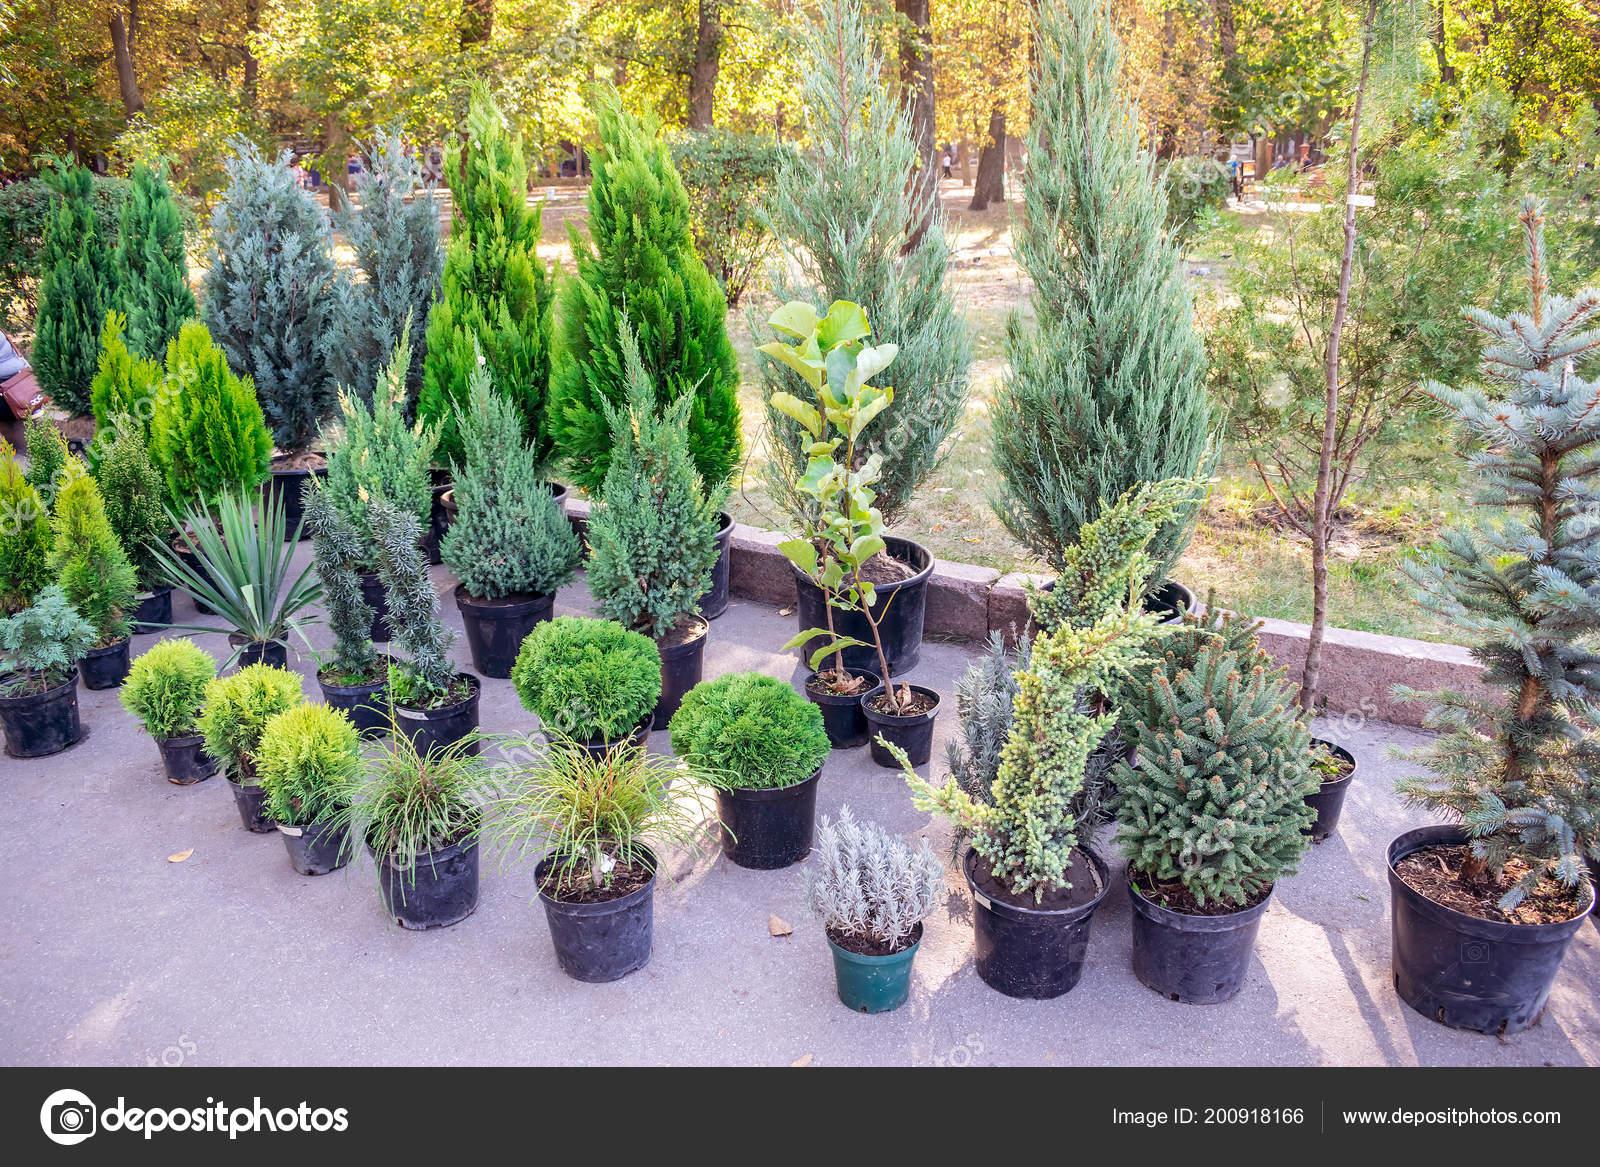 Etwas Neues genug Der Markt Der Pflanzen Für Den Garten Tannen Wacholder Thuja @MX_06